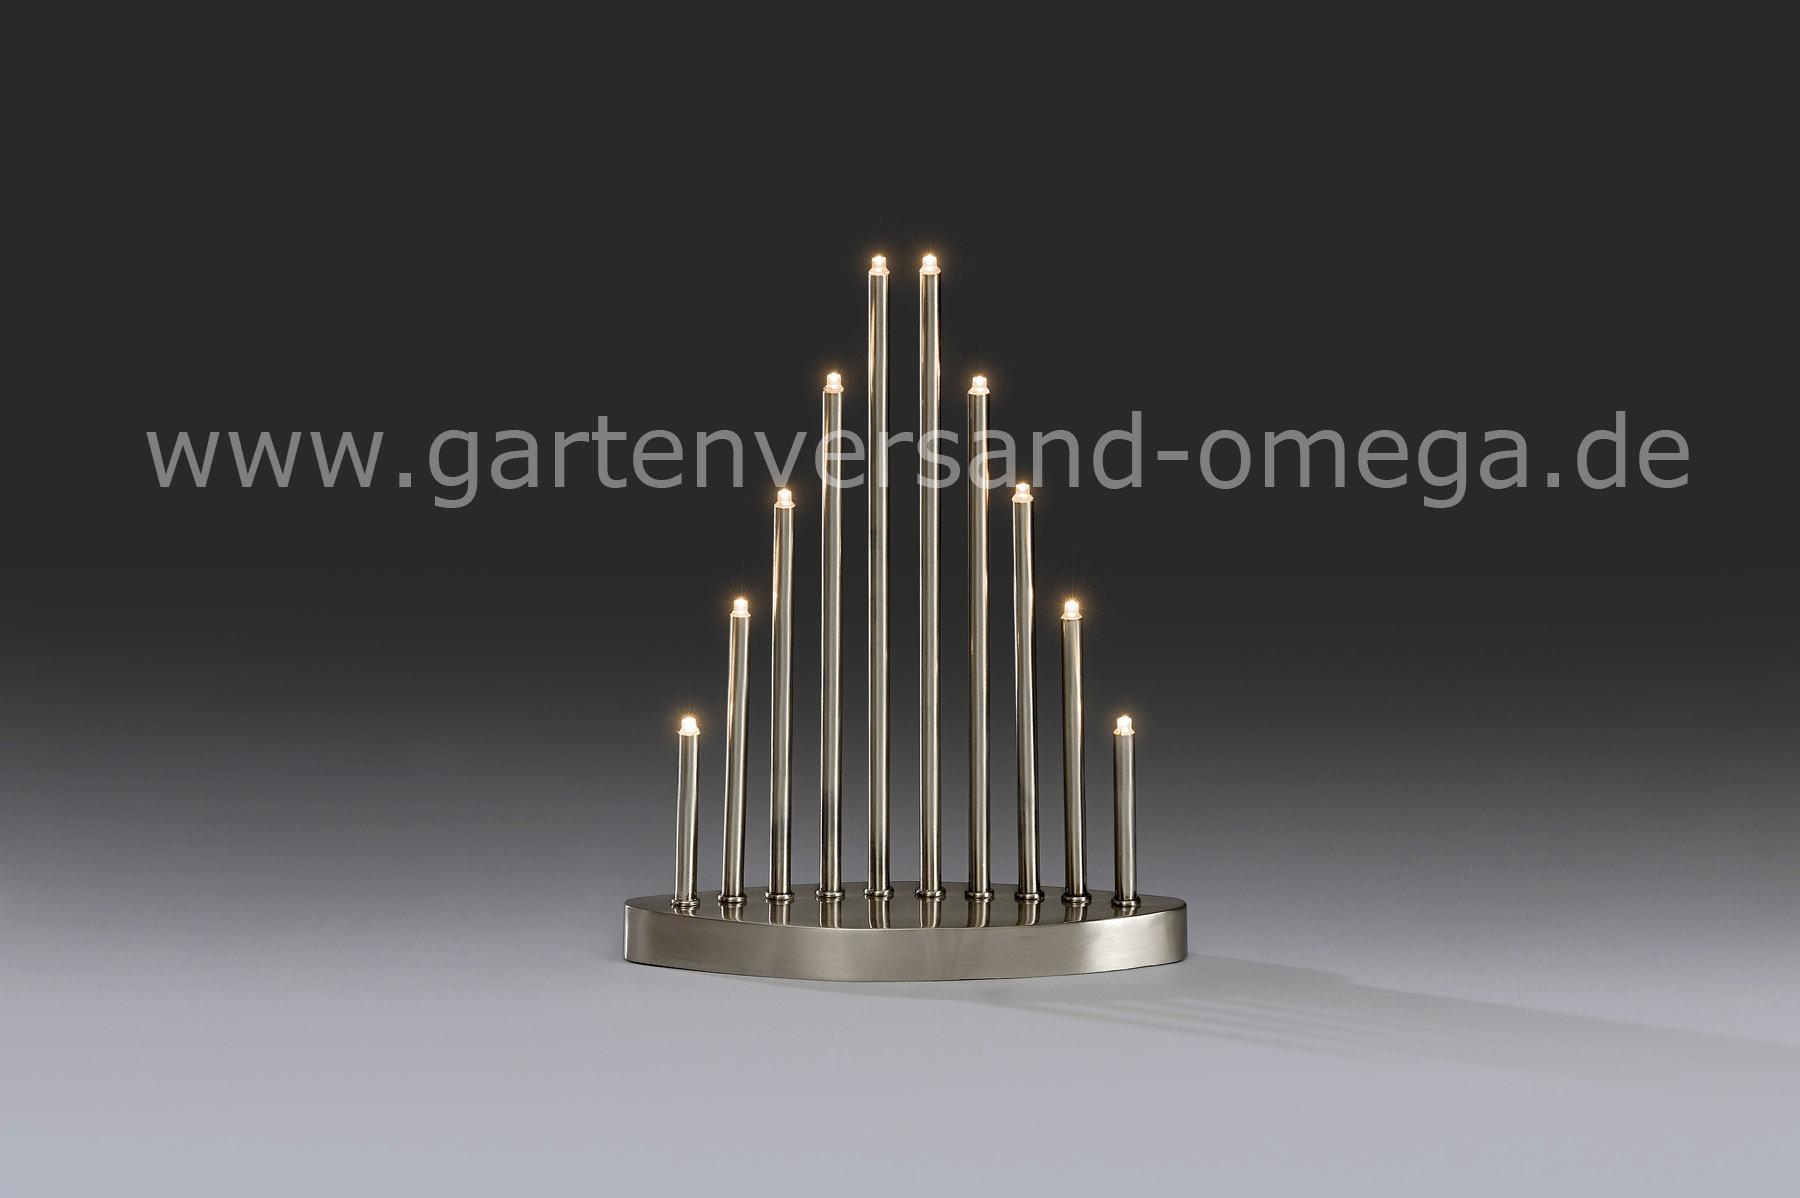 led metallleuchter metallst beleuchter ganzjahresleuchter schrankleuchter schrankdeko. Black Bedroom Furniture Sets. Home Design Ideas